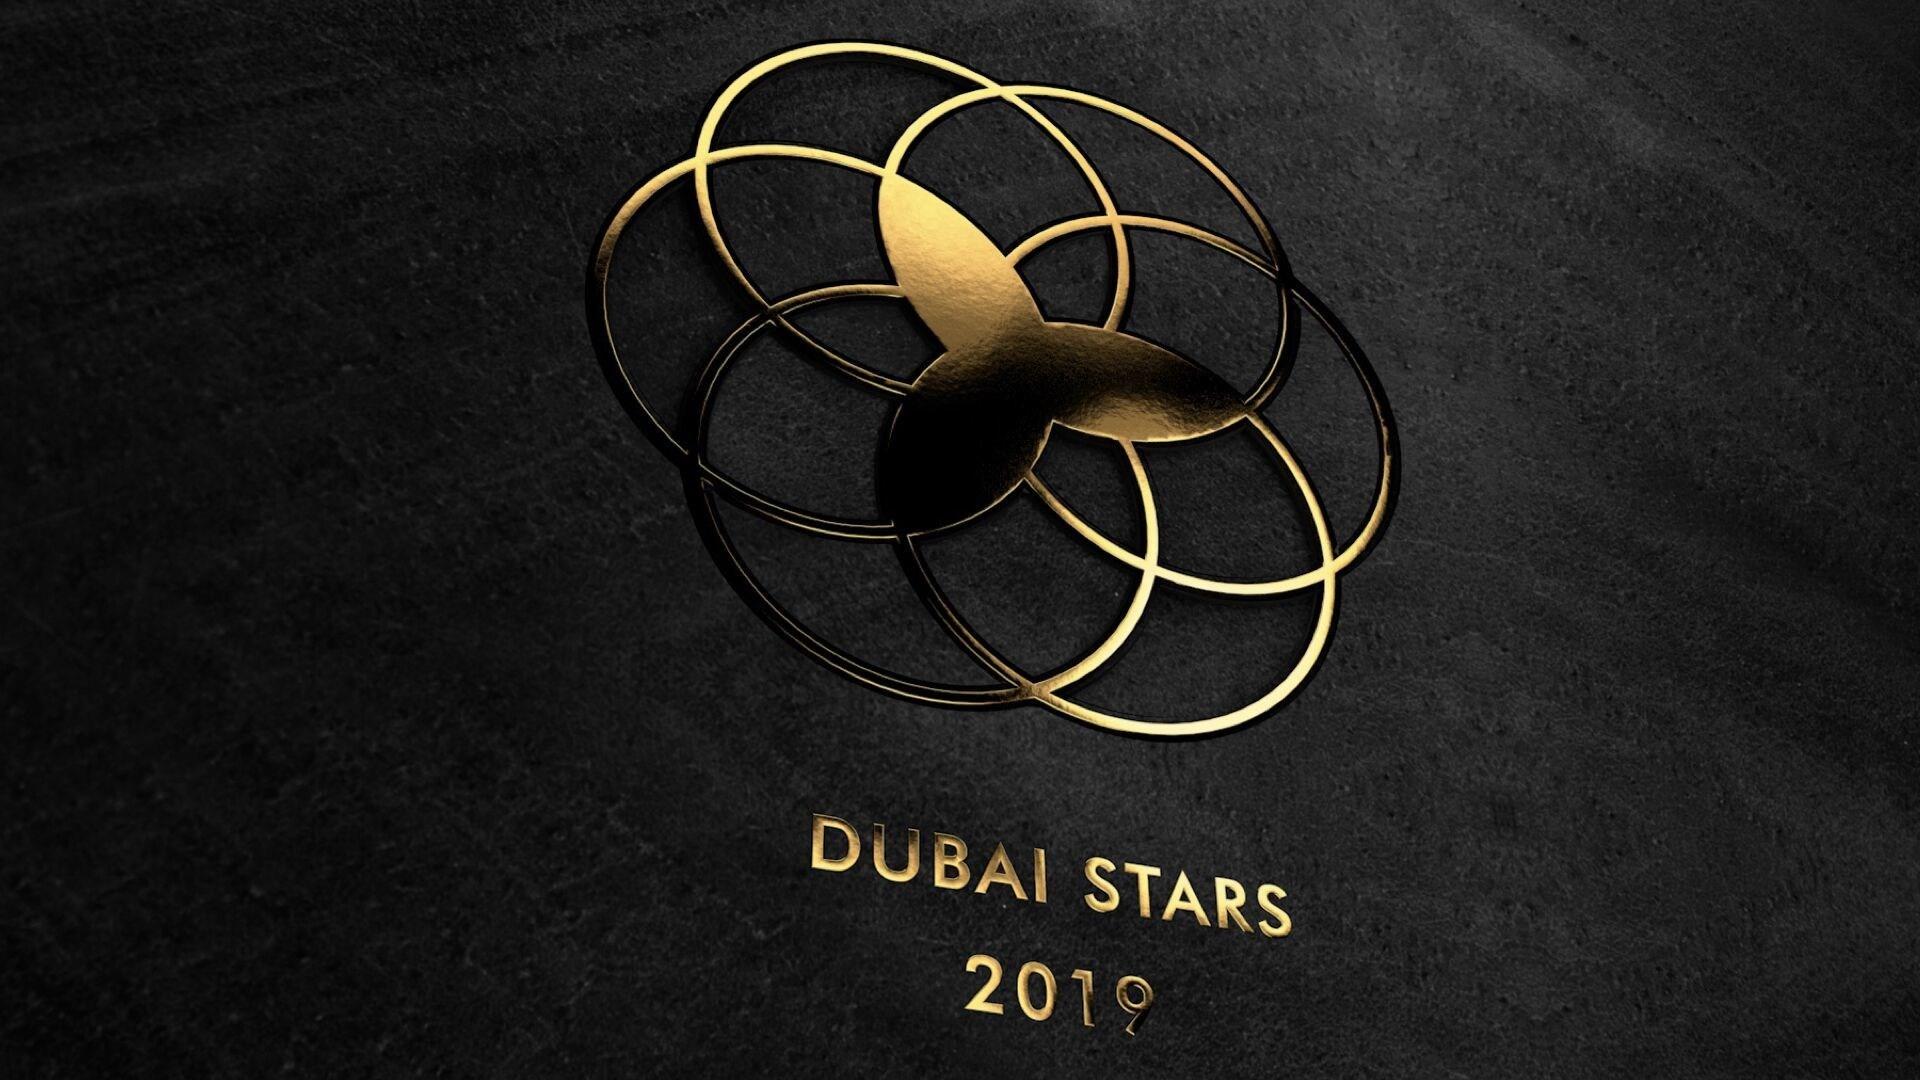 Dubái tendrá su propio paseo de la fama: Dubai Stars